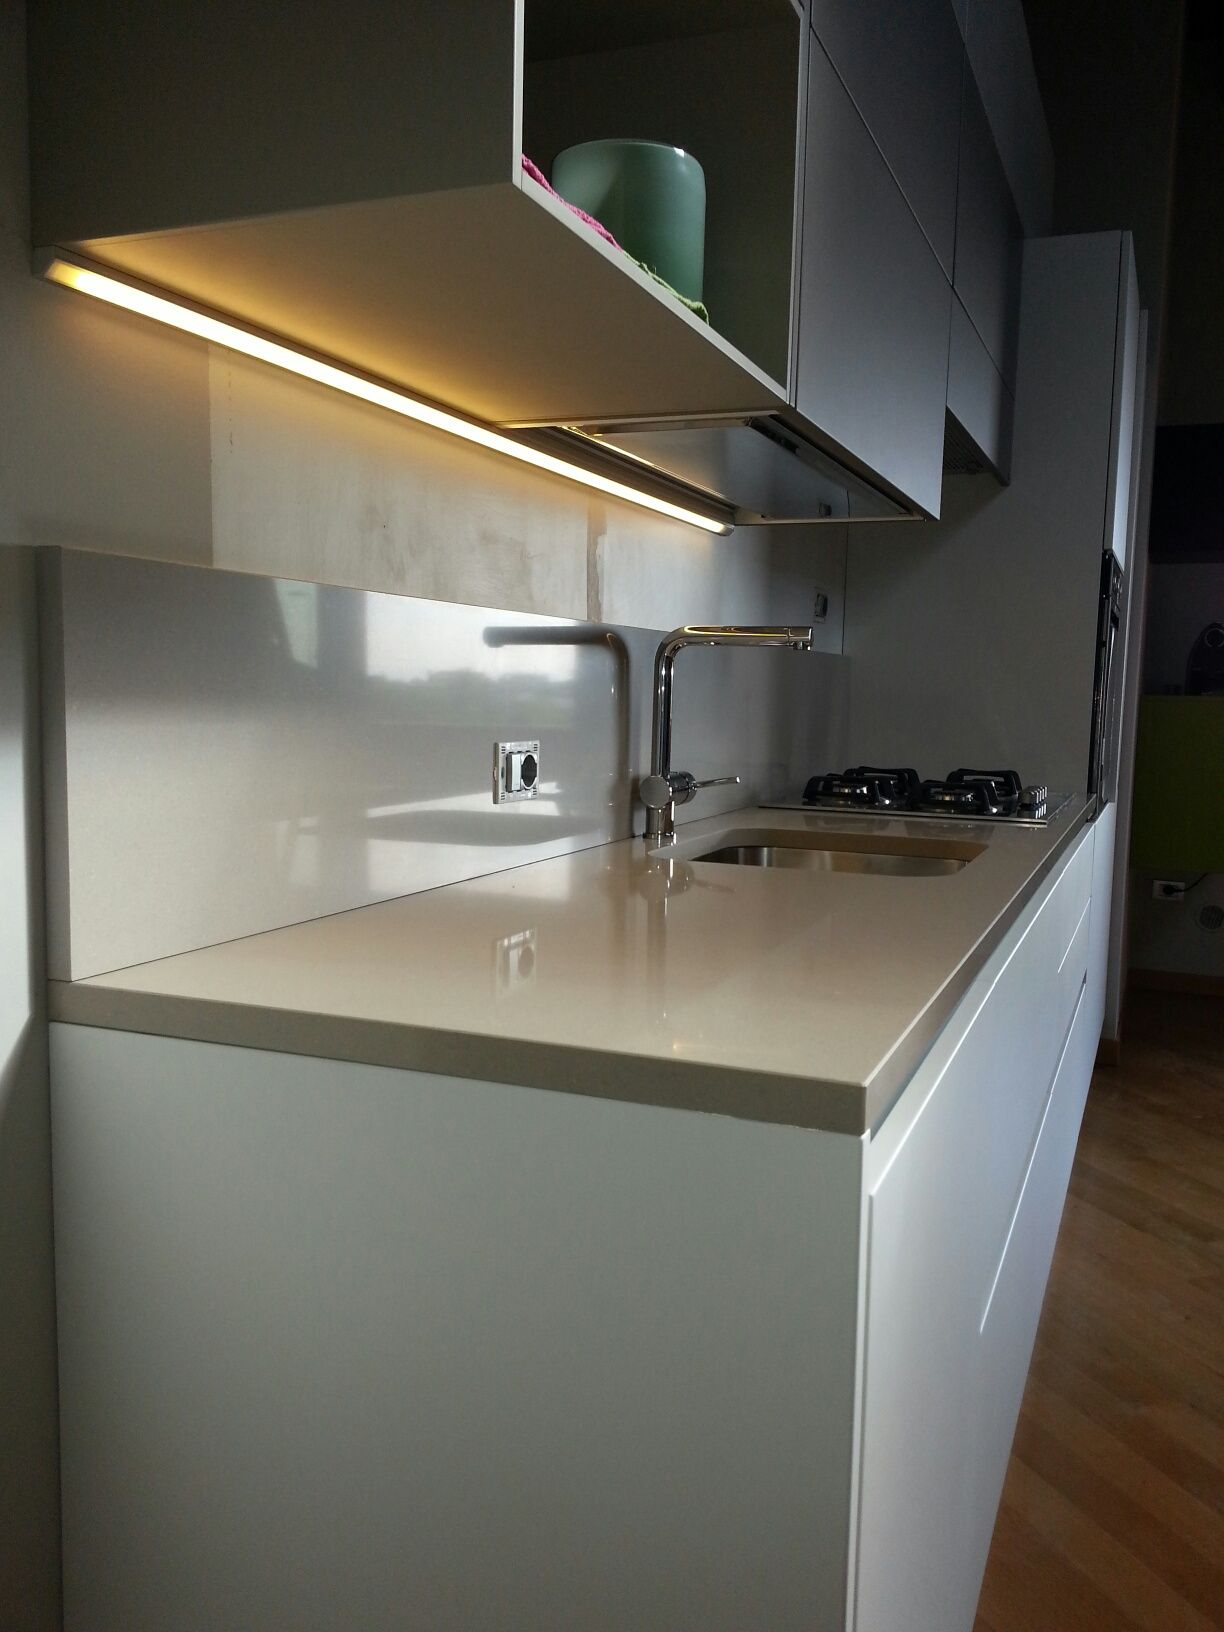 Illuminazione led sotto pensile cucina realizzata della misura desiderata con profilo a 45 per - Illuminazione sottopensile cucina ...